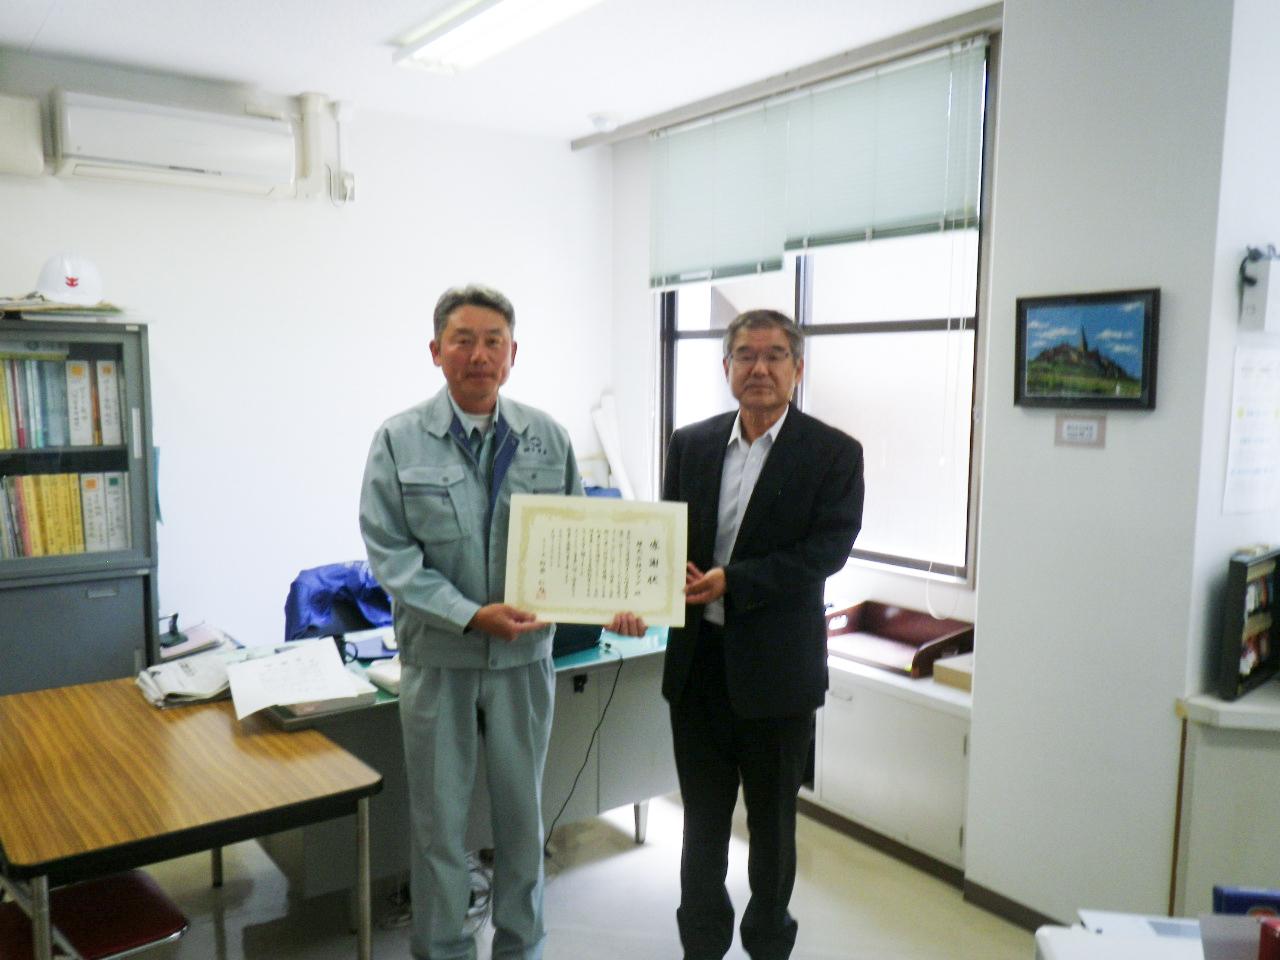 多伎コミュニティセンター様から感謝状をいただきました。